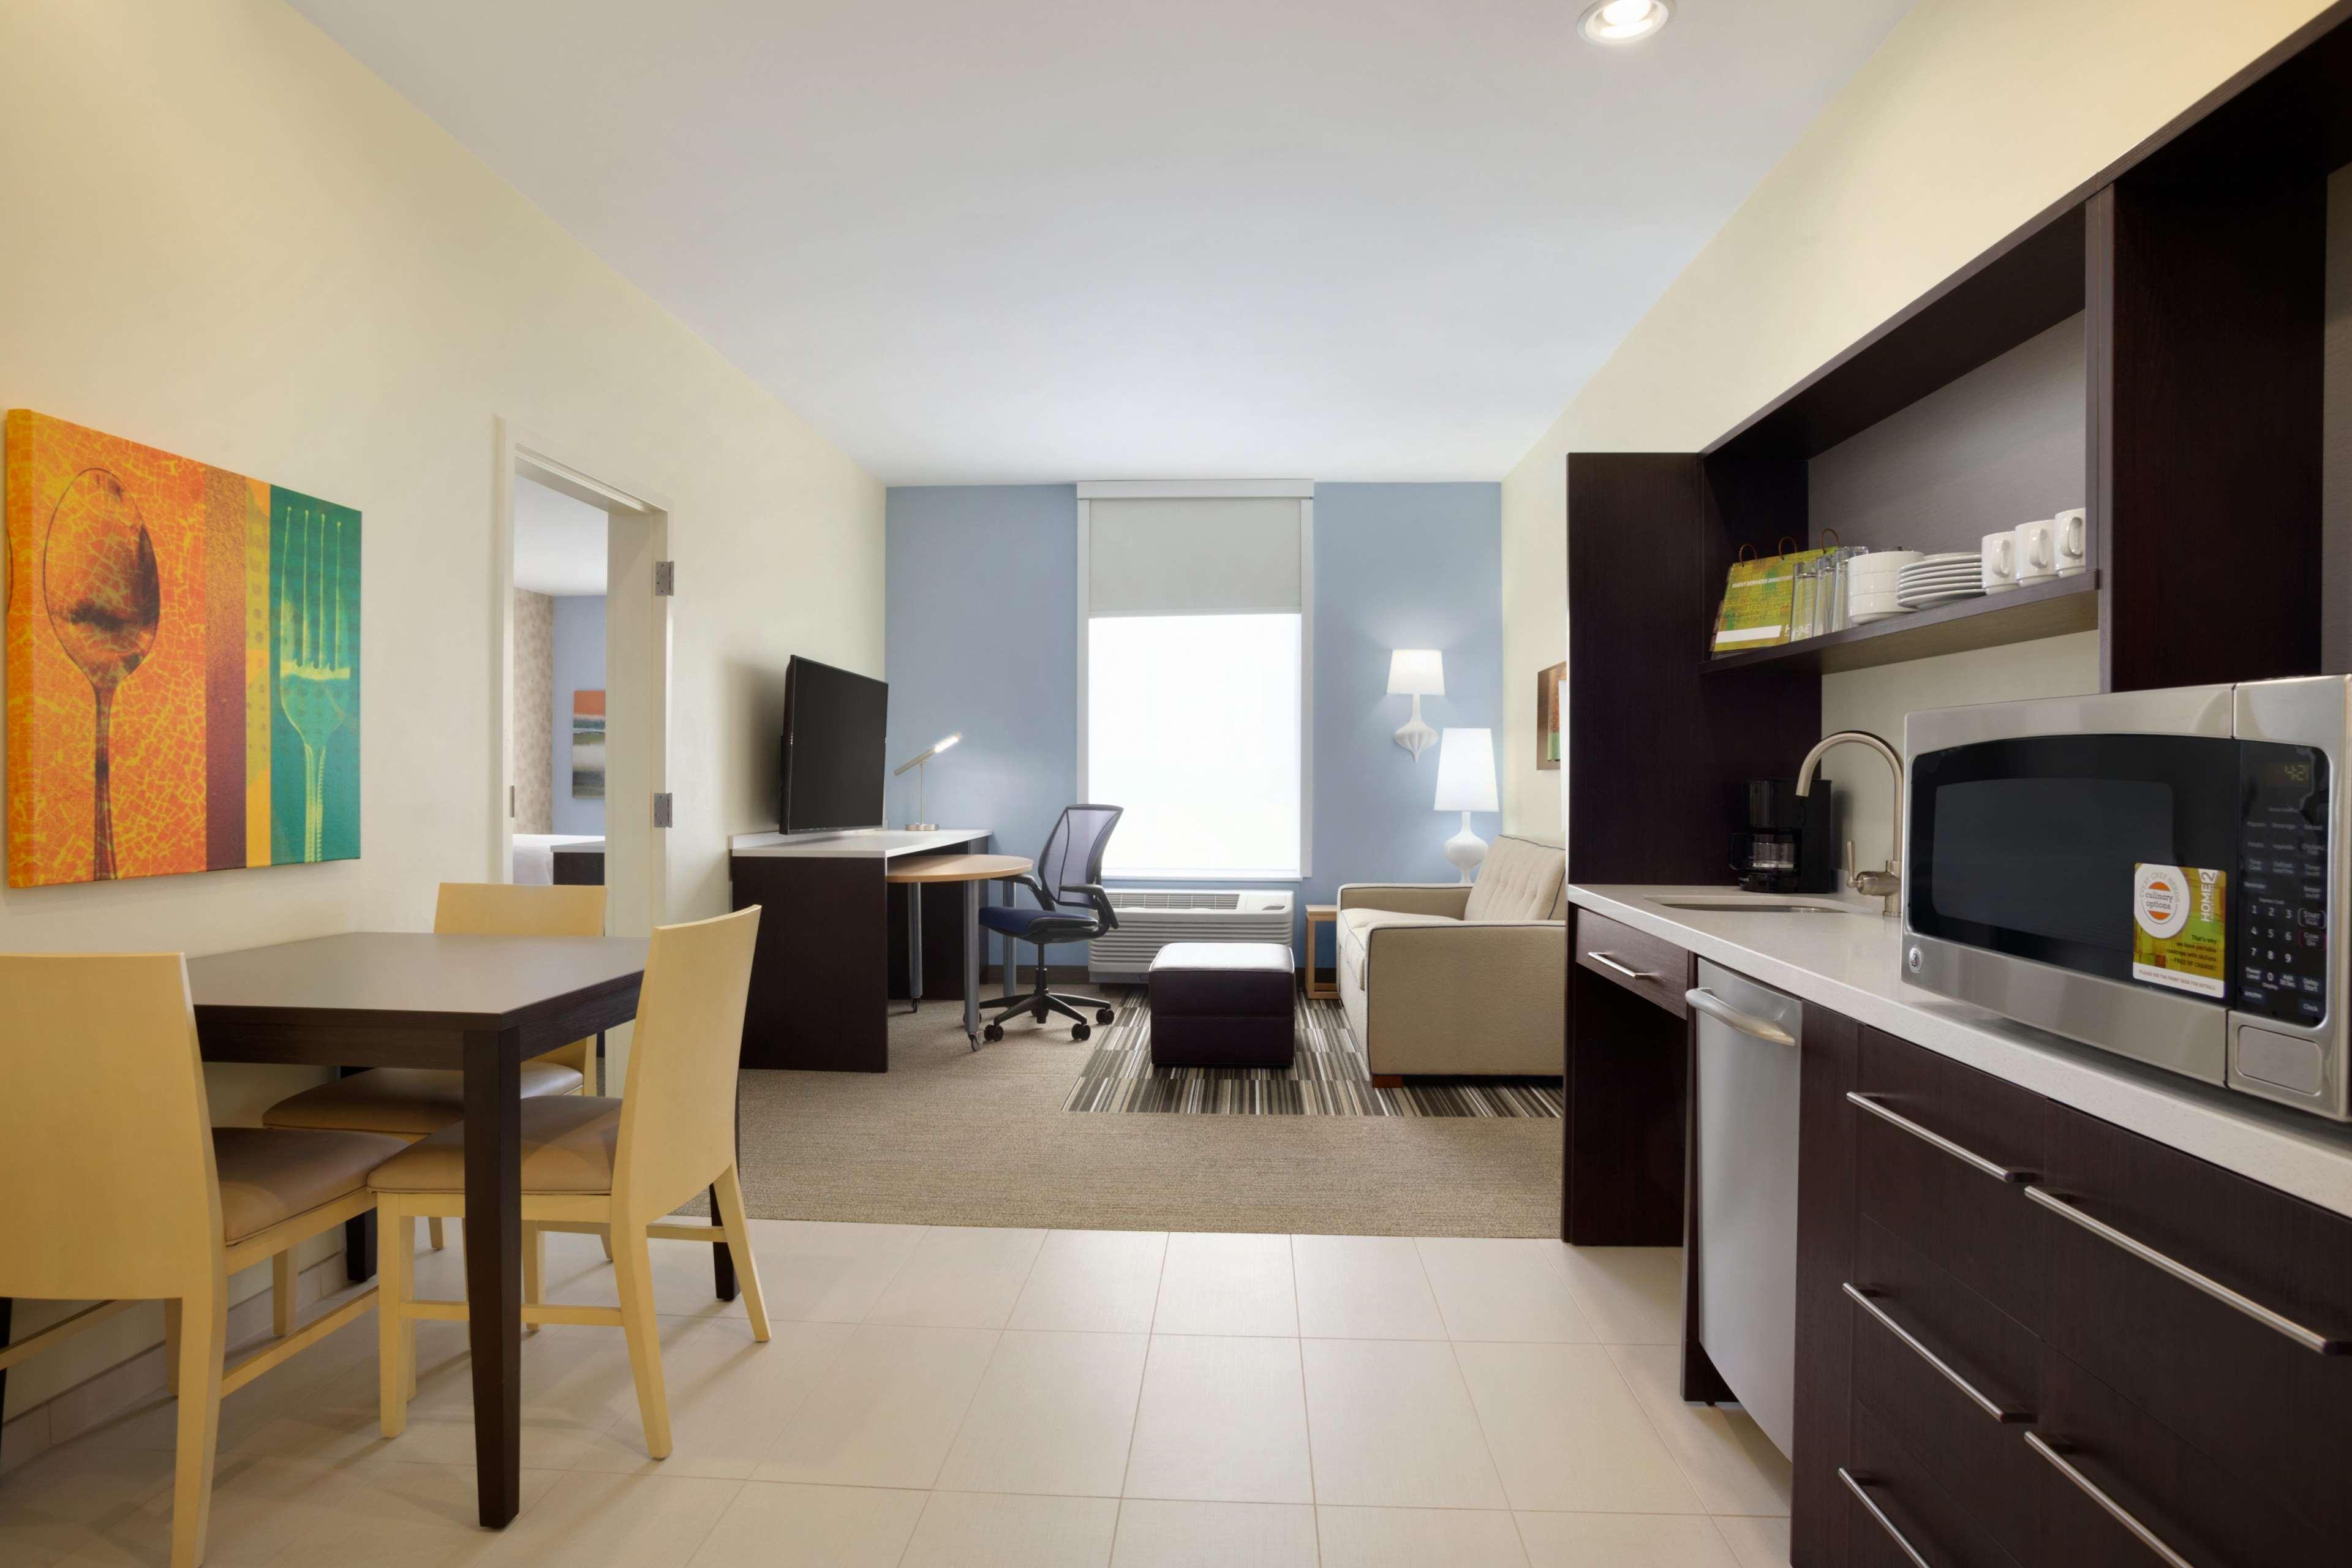 Home2 Suites by Hilton McAllen image 23